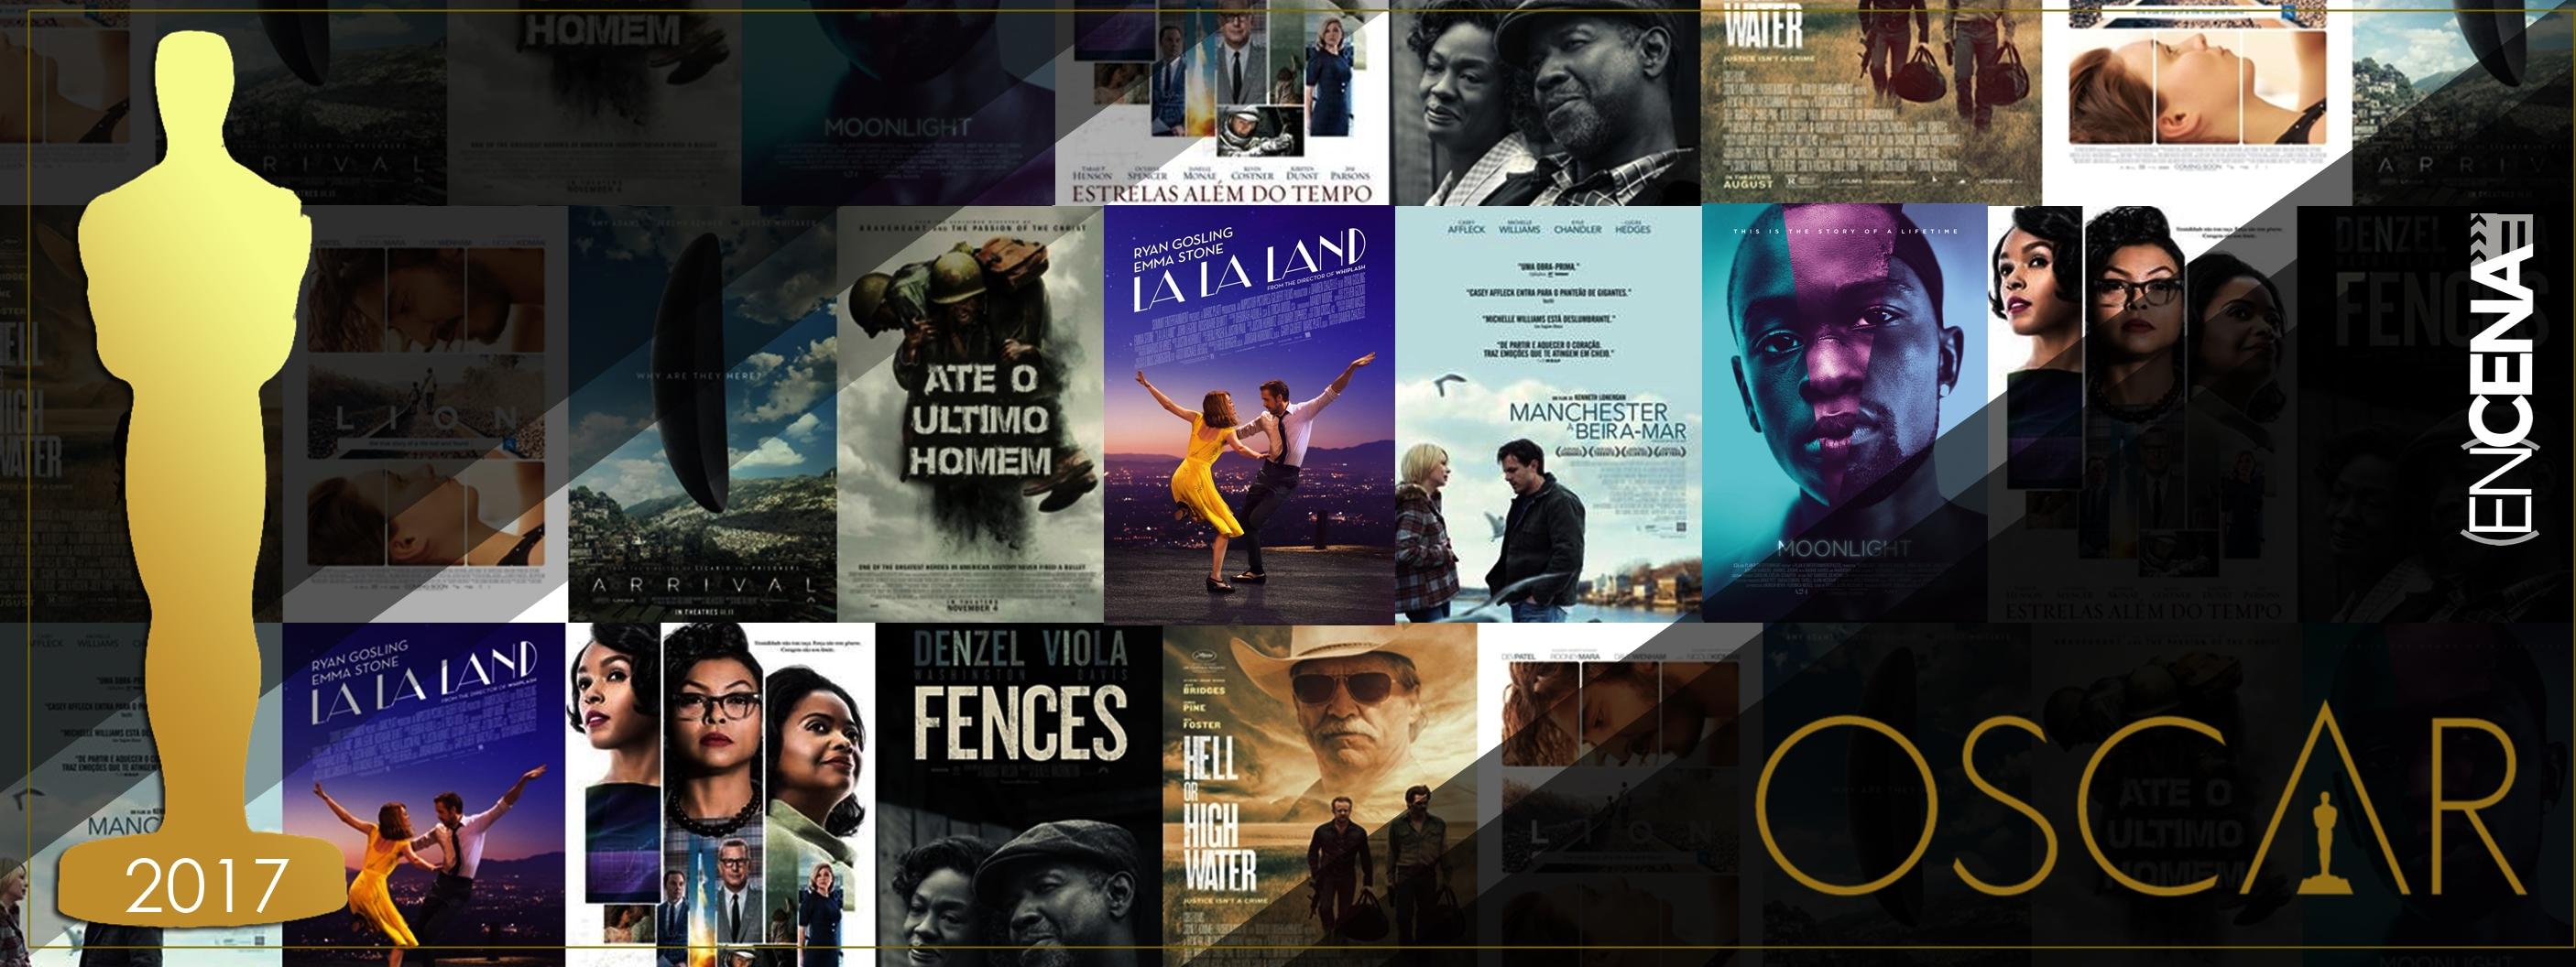 Banner Série Oscar 2017